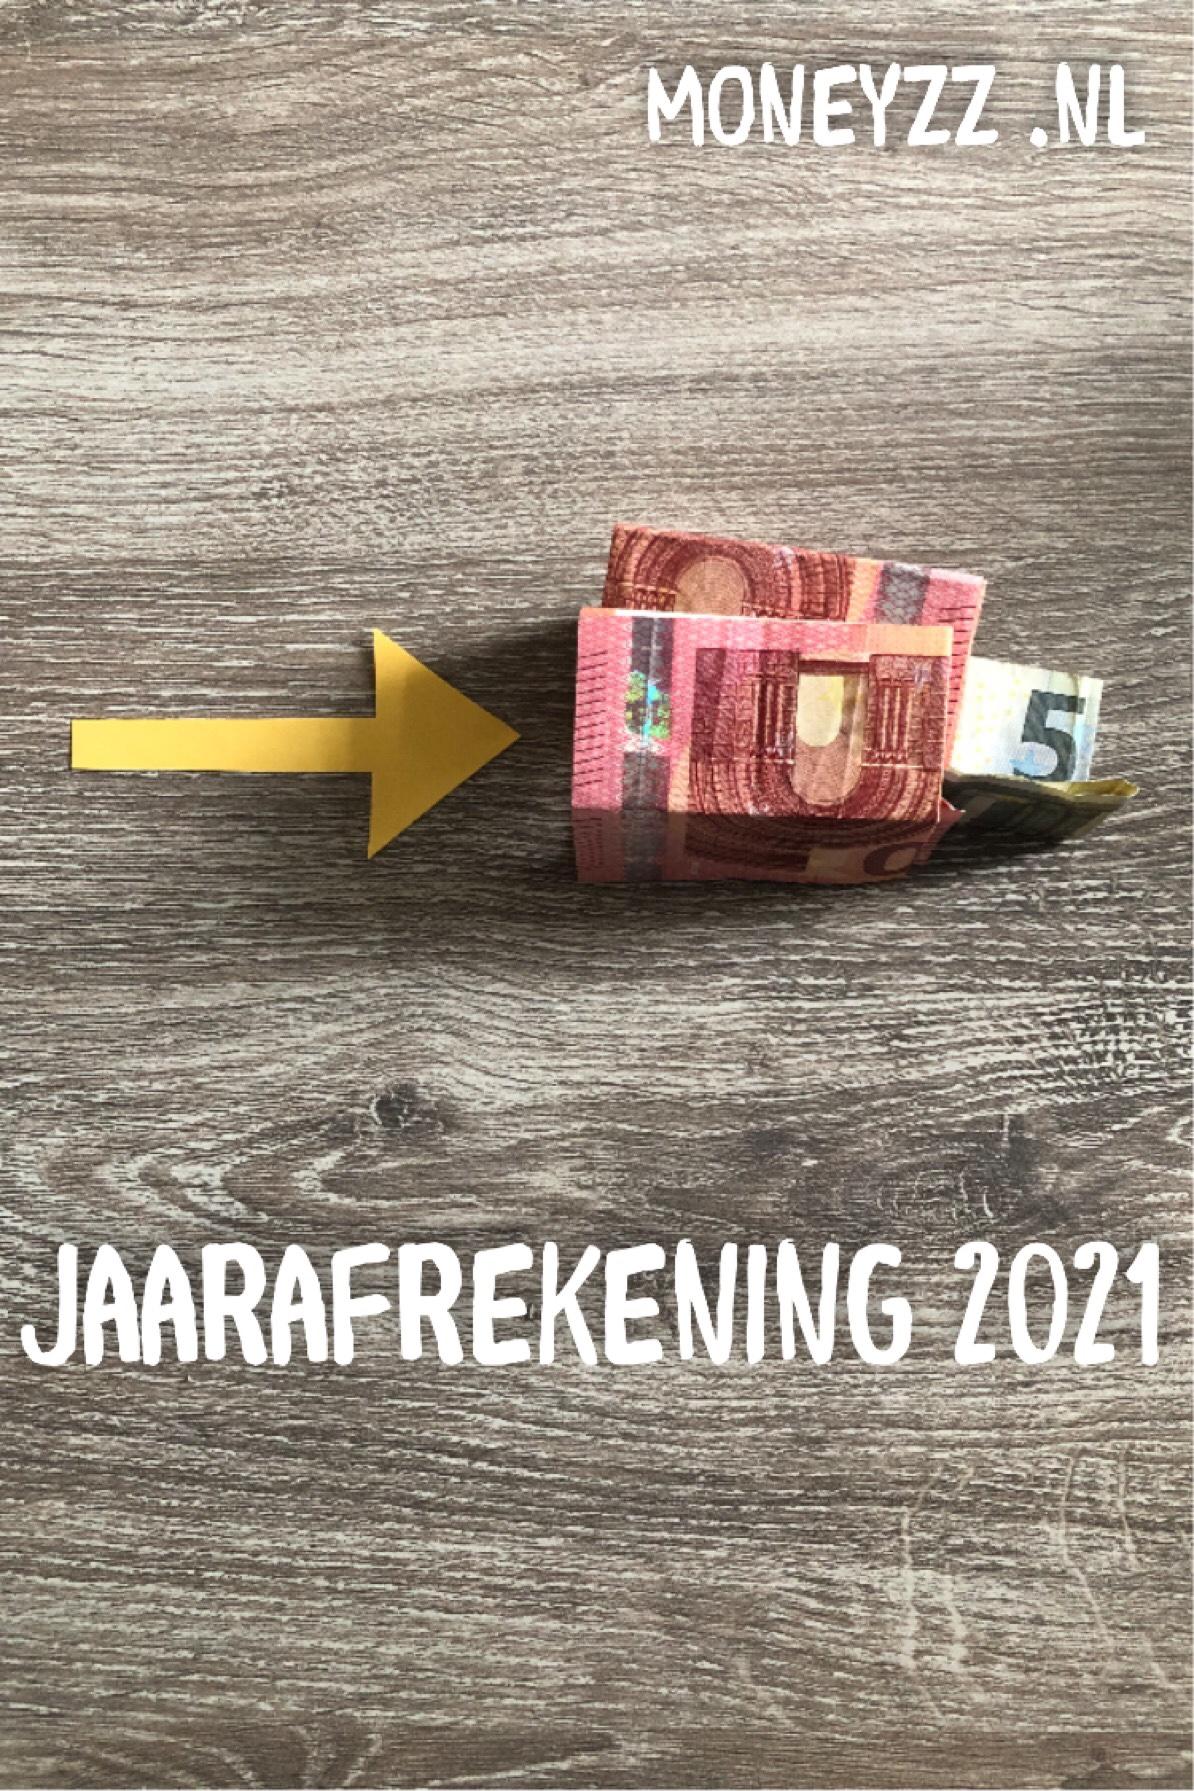 Jaarafrekening 2021